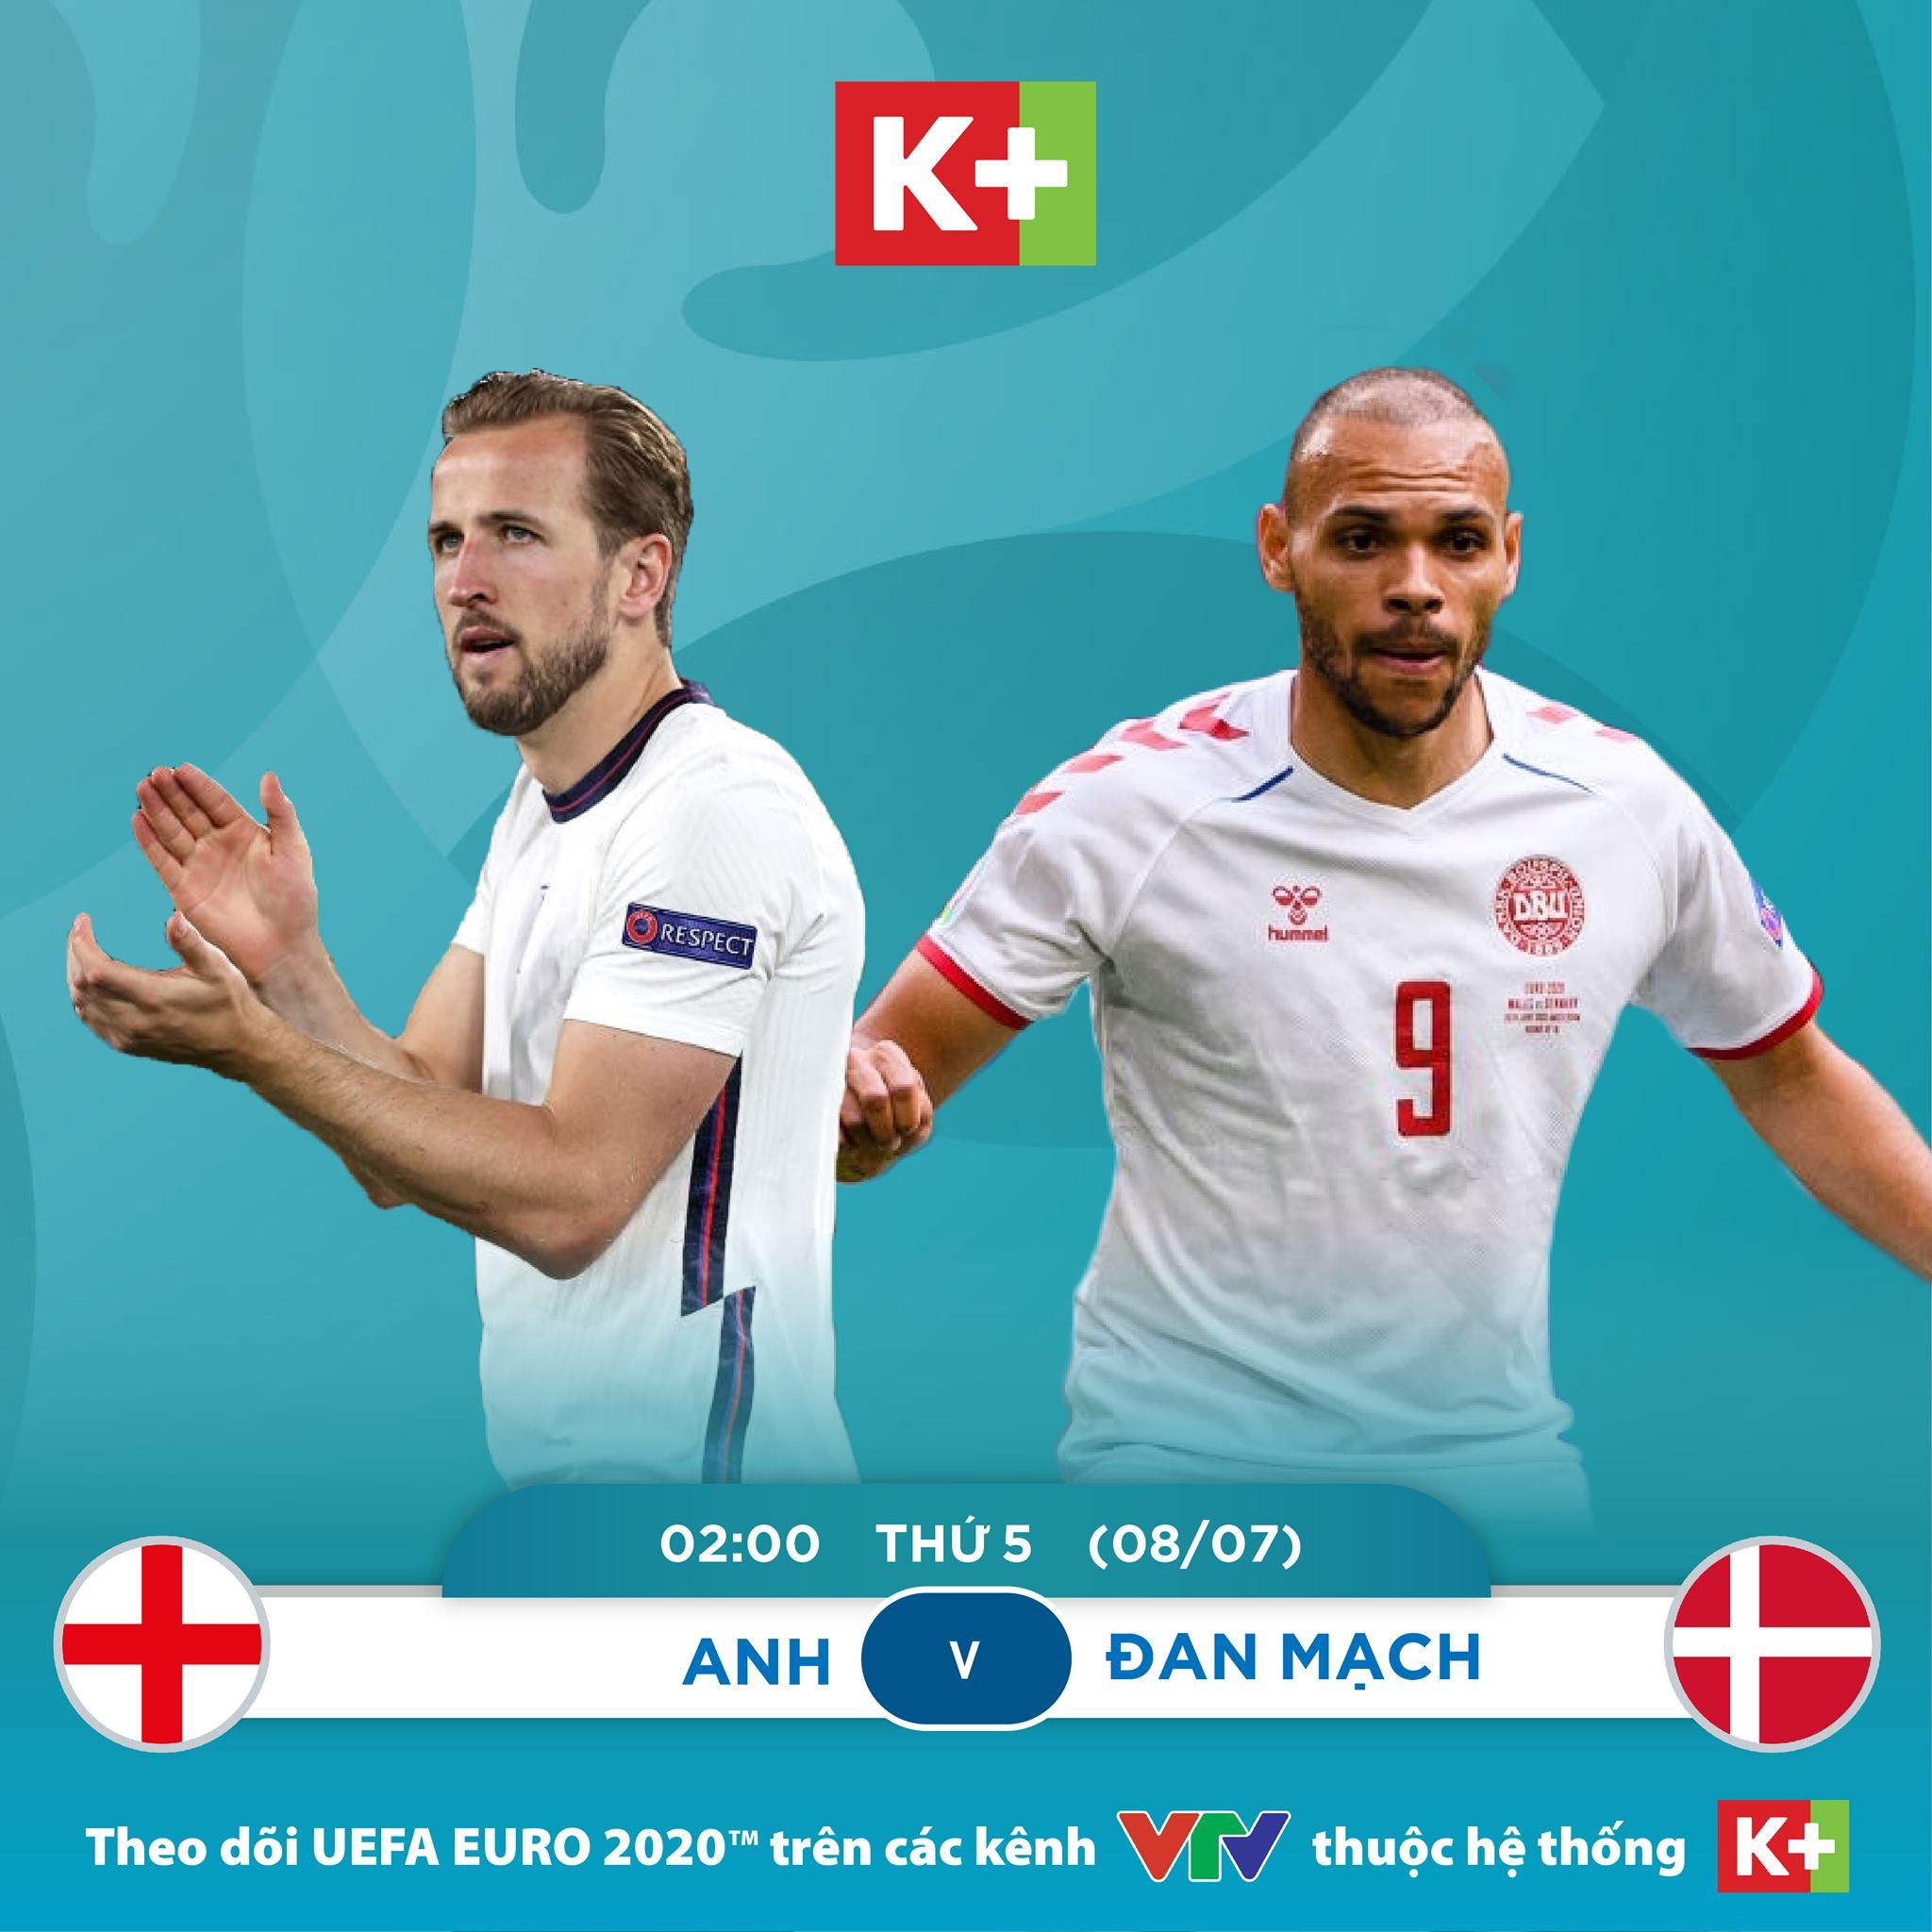 Trực tiếp EURO 2021 Anh vs Đan Mạch: Tam sư thể hiện bản lĩnh?